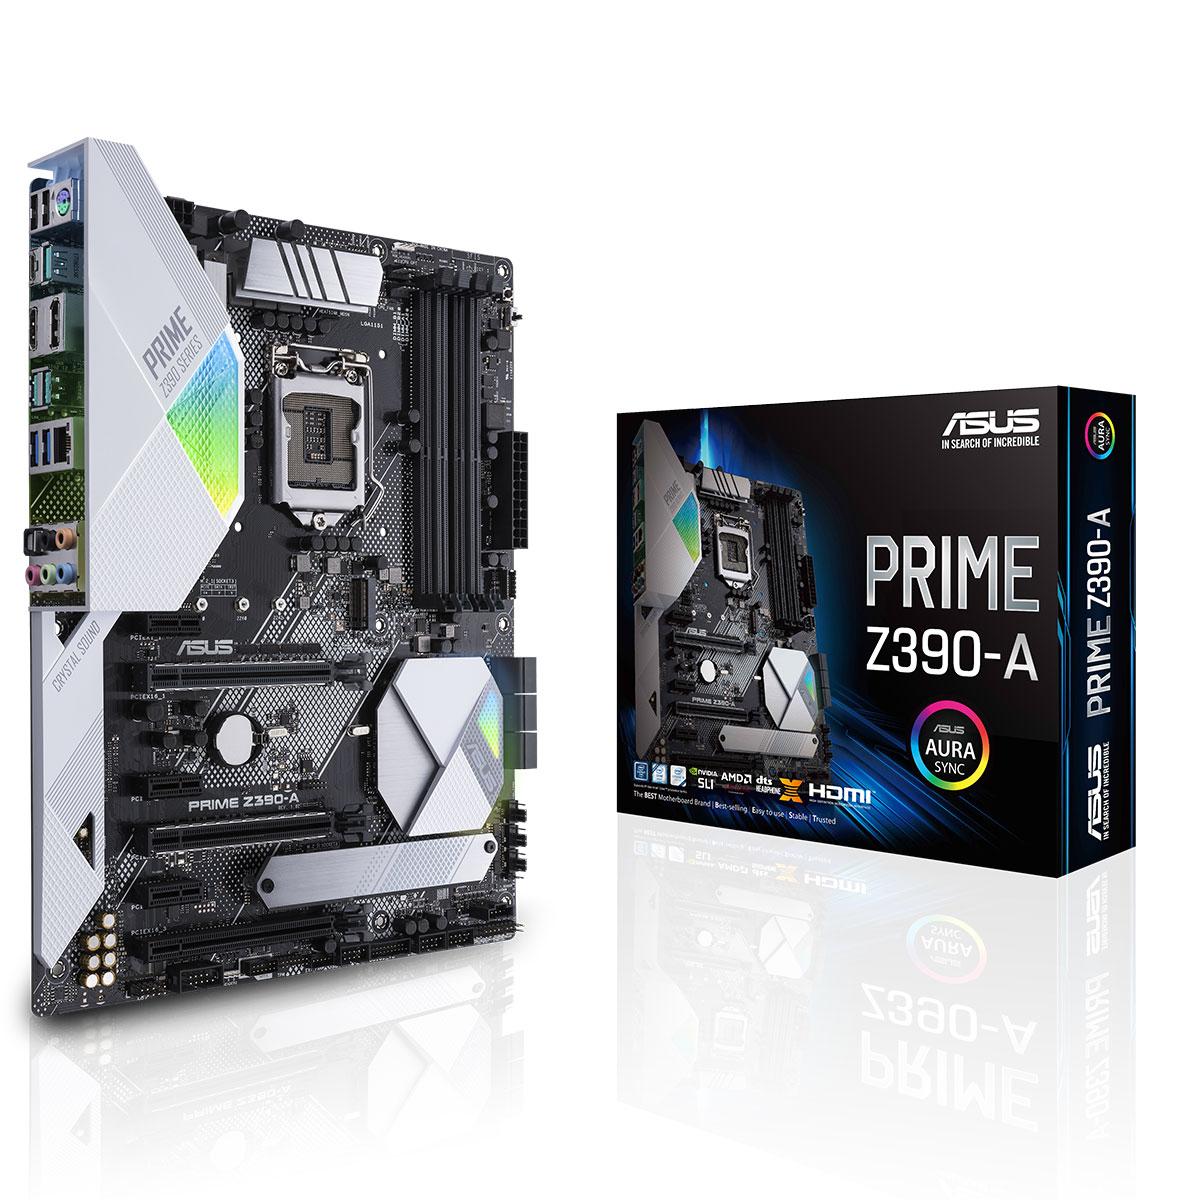 Carte mère ASUS PRIME Z390-A Carte mère ATX Socket 1151 Intel Z390 Express - 4x DDR4 - SATA 6Gb/s + M.2 - USB 3.1 - 3x PCI-Express 3.0 16x